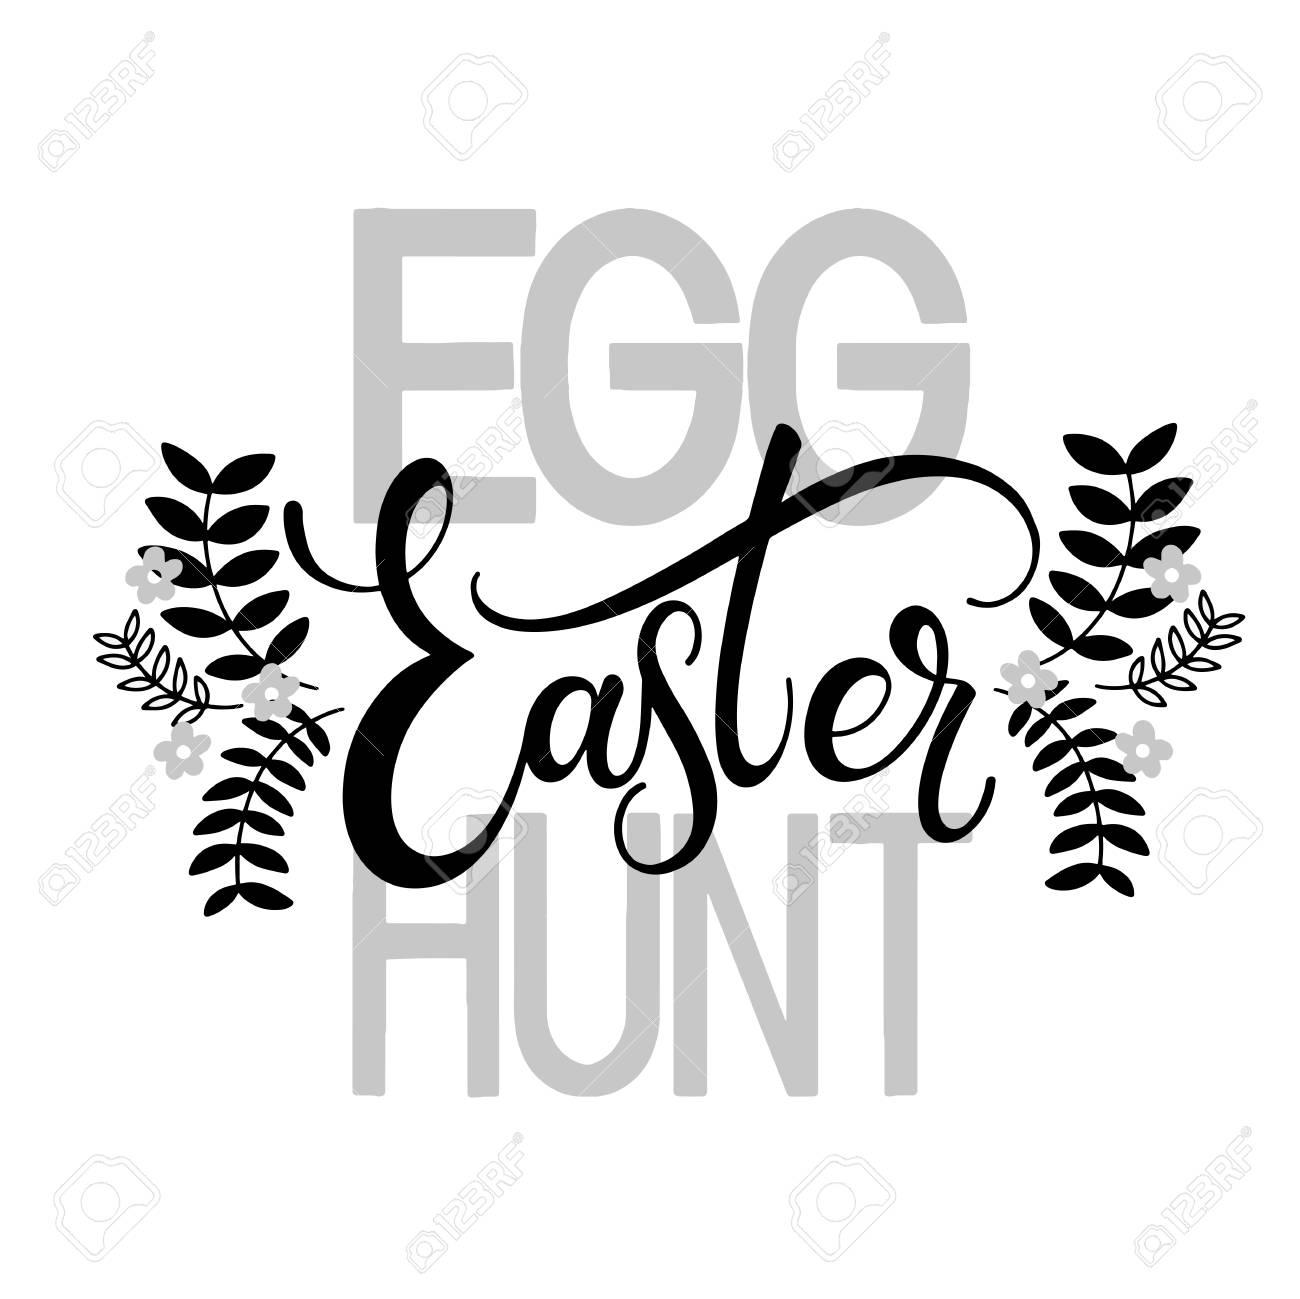 Easter Egg Hunt Lettering Hand Written Easter Phrases Seasons